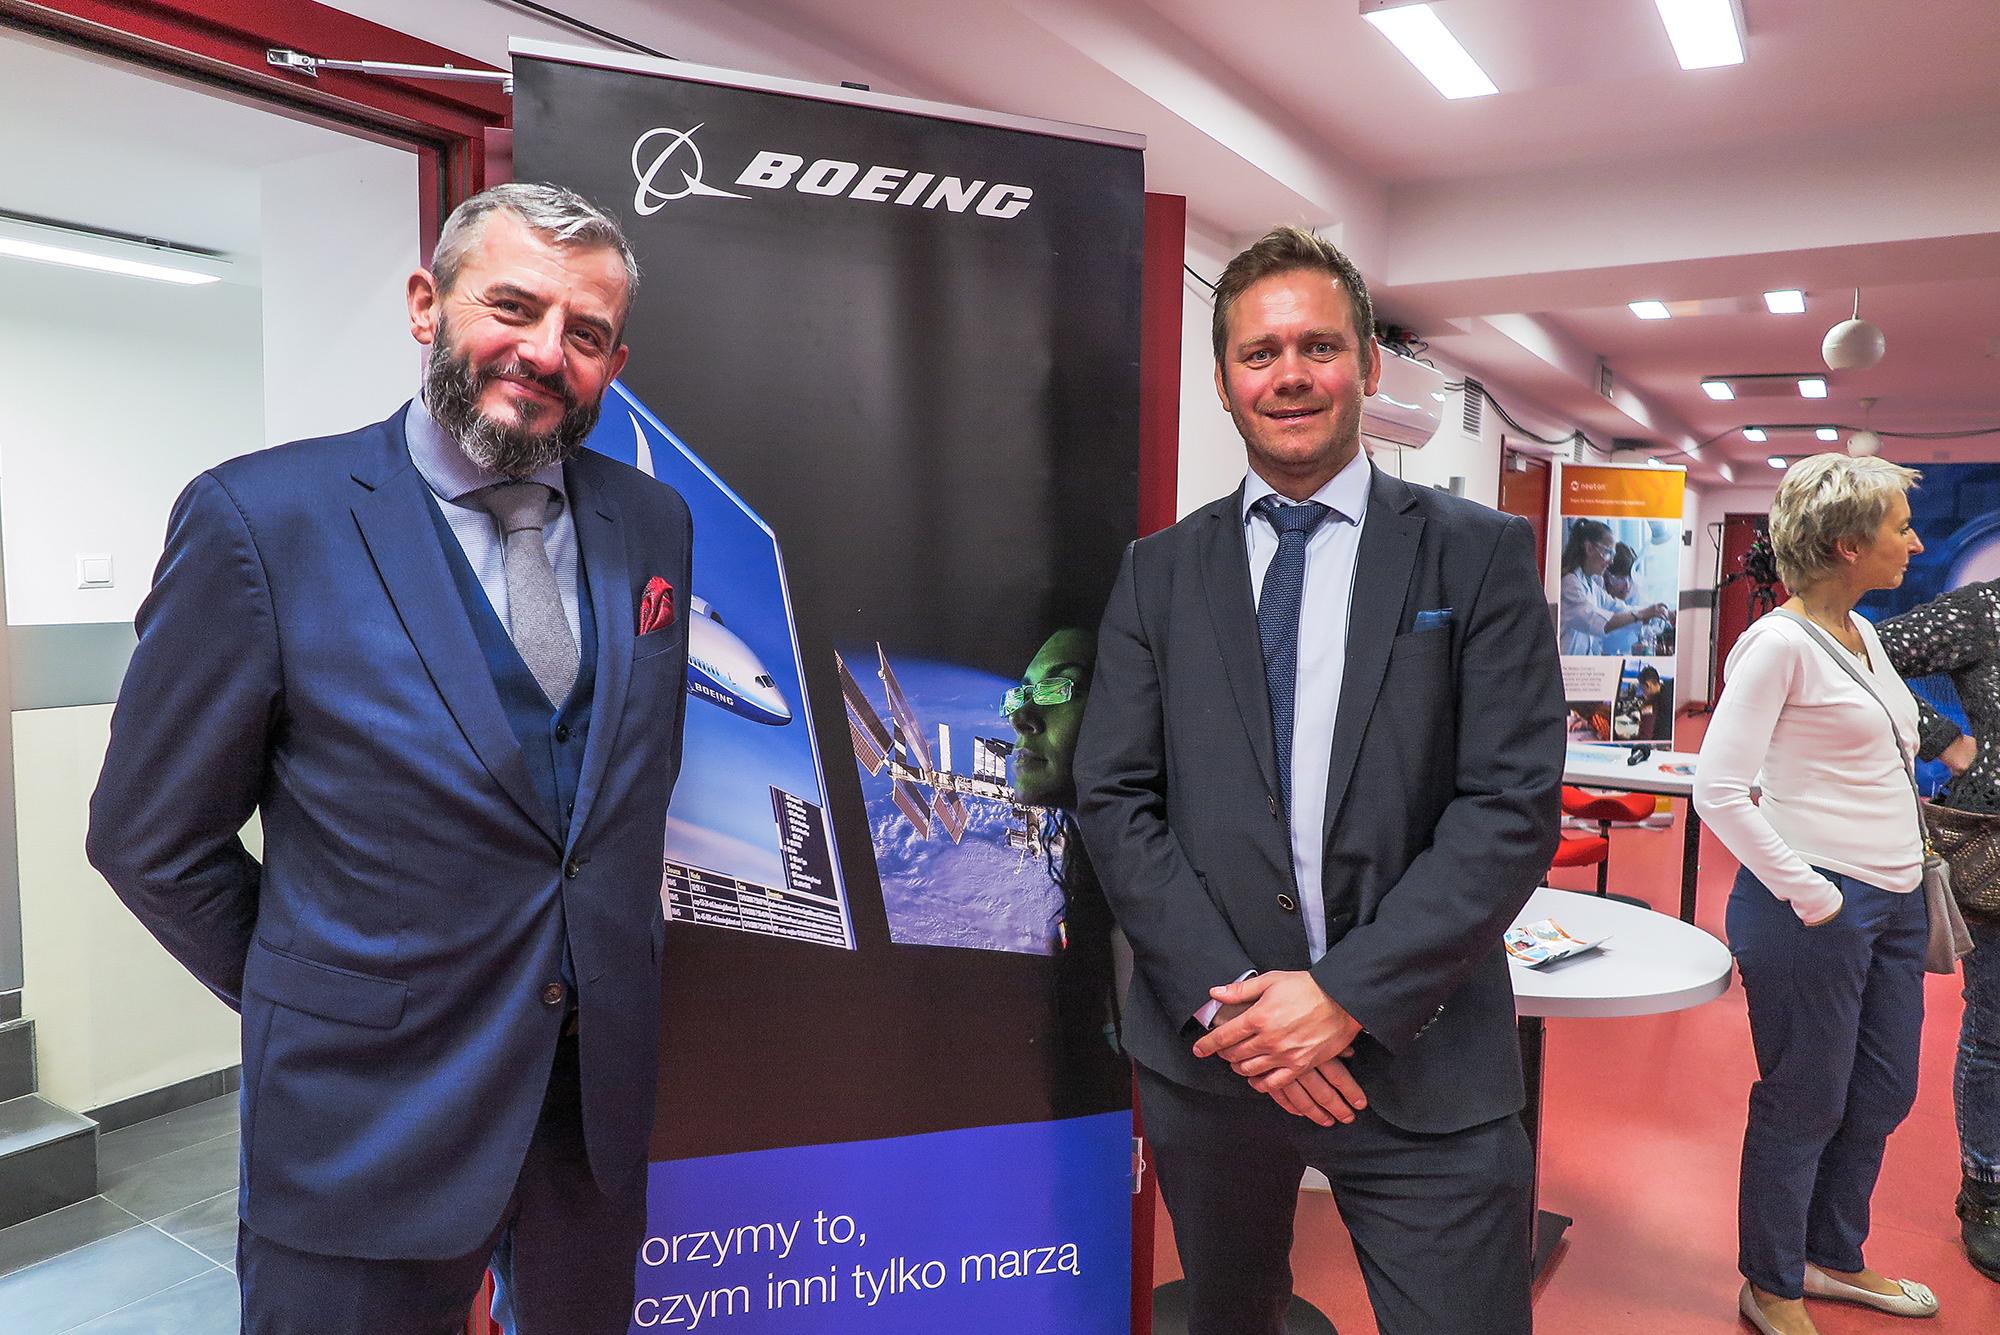 Boeing_FS_Poland.jpg